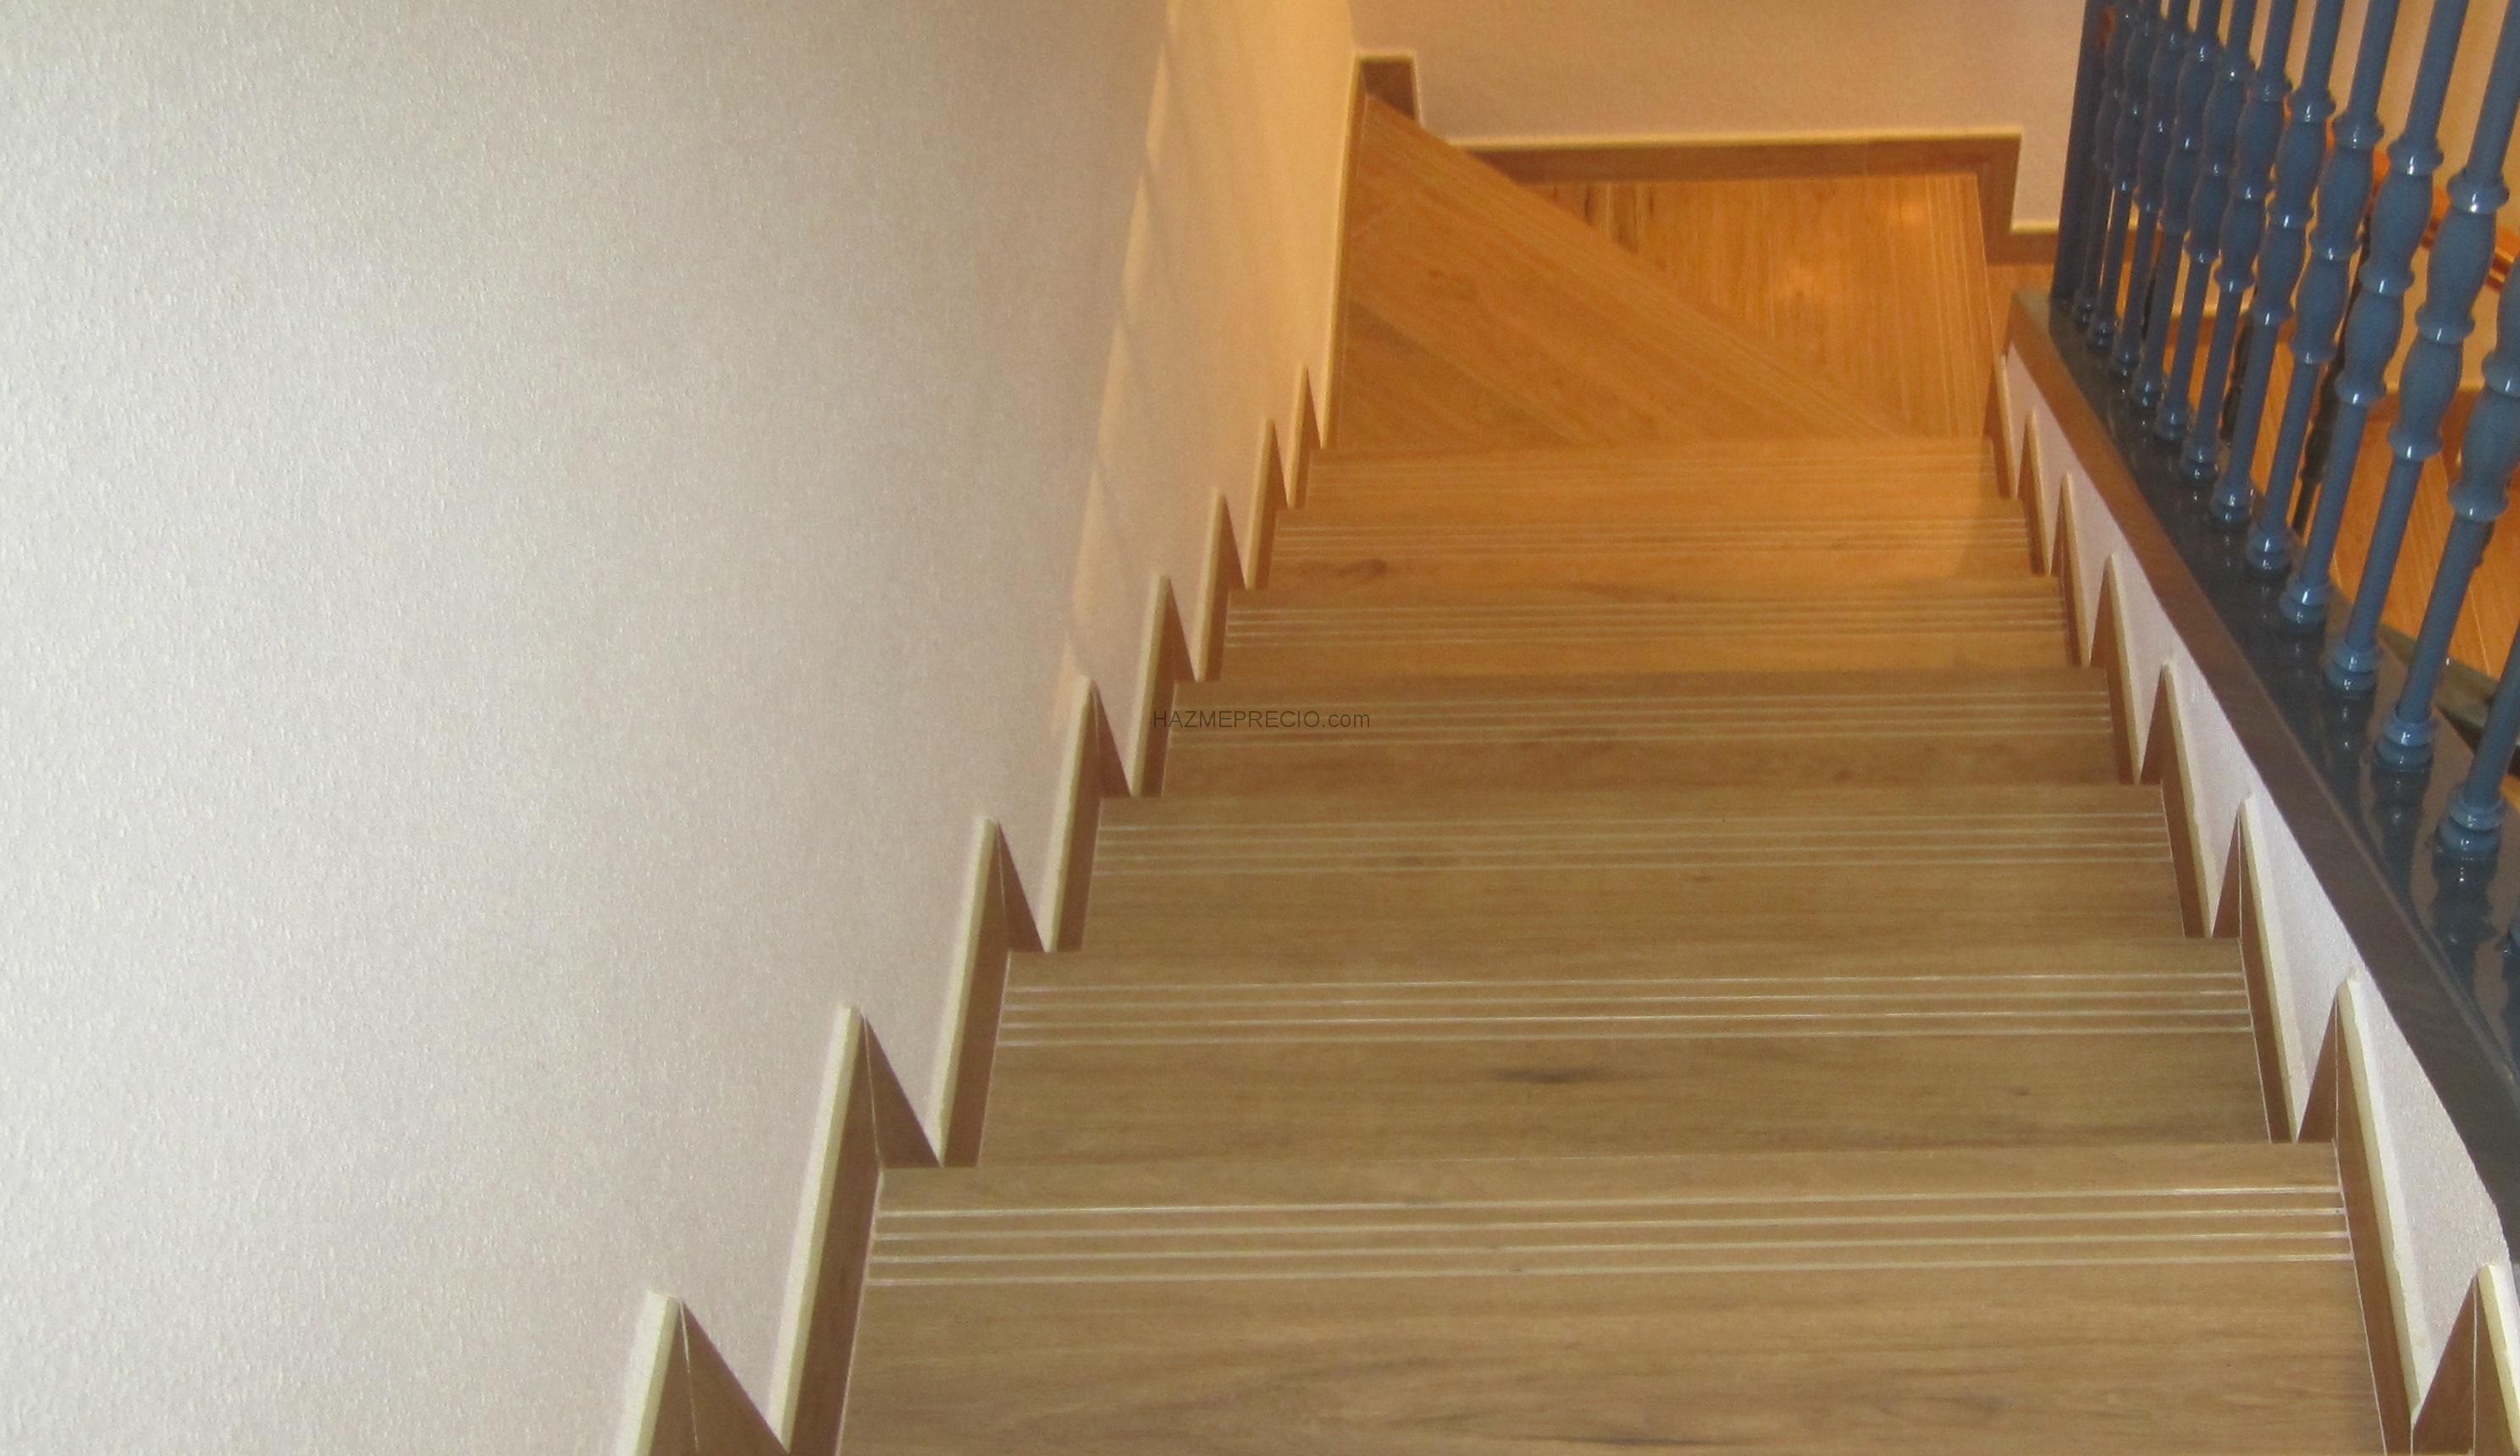 Suelos de ceramica imitacion madera precios elegant pavimentos de gres imitacin madera with - Suelos ceramicos precios ...